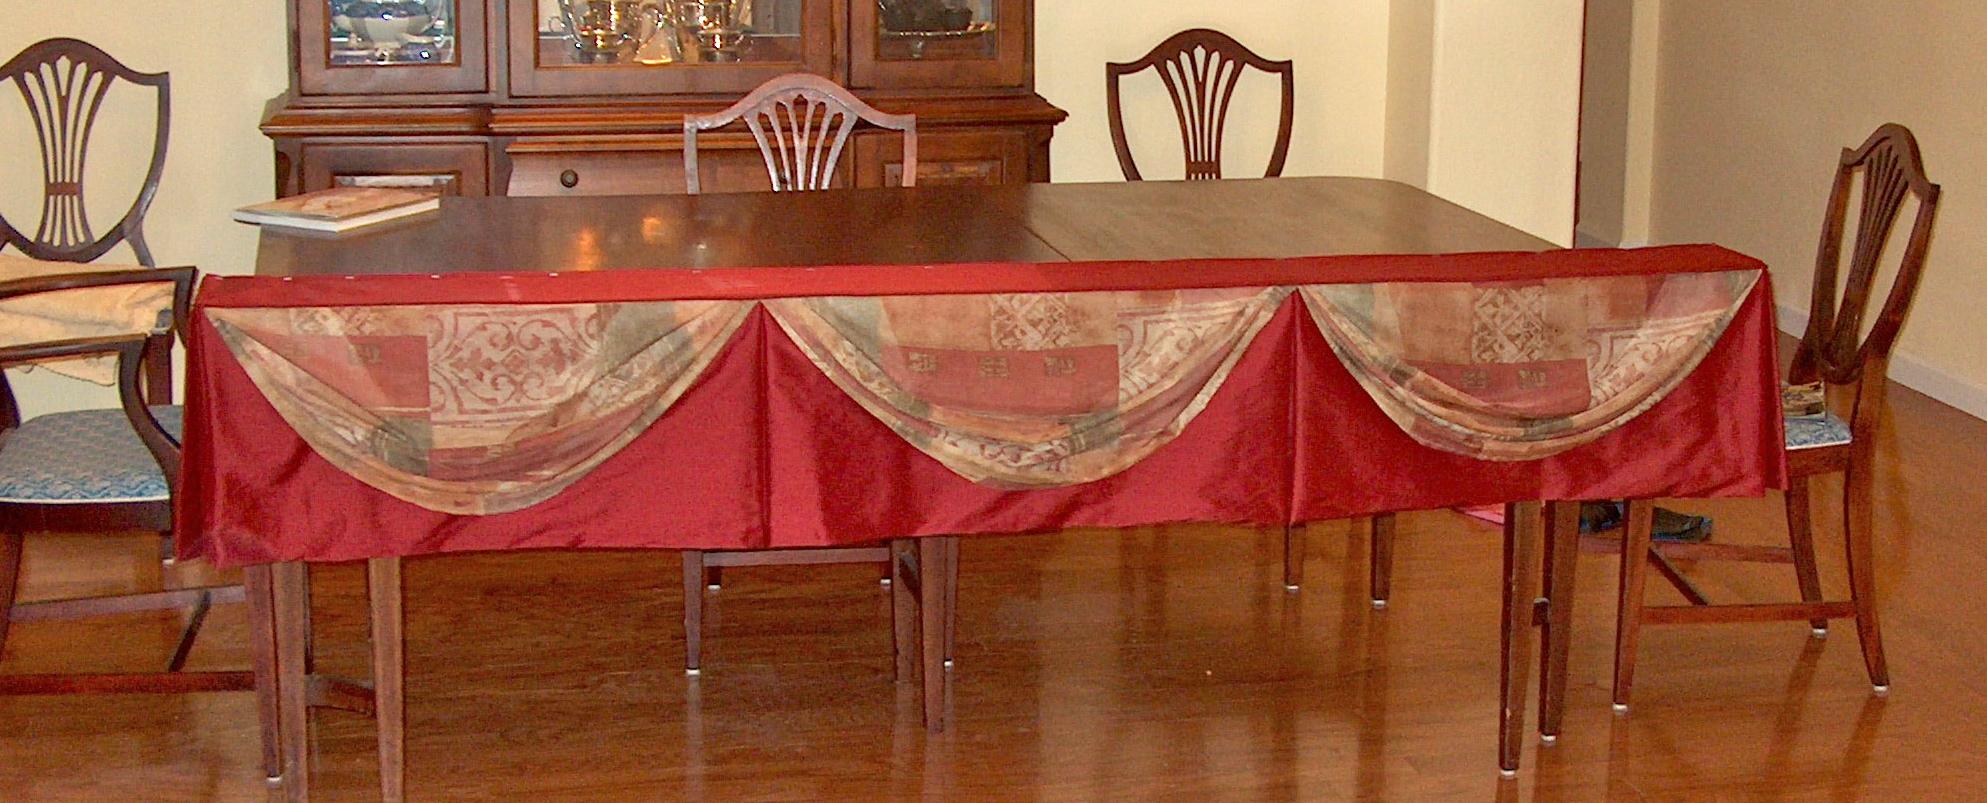 table plan mount board